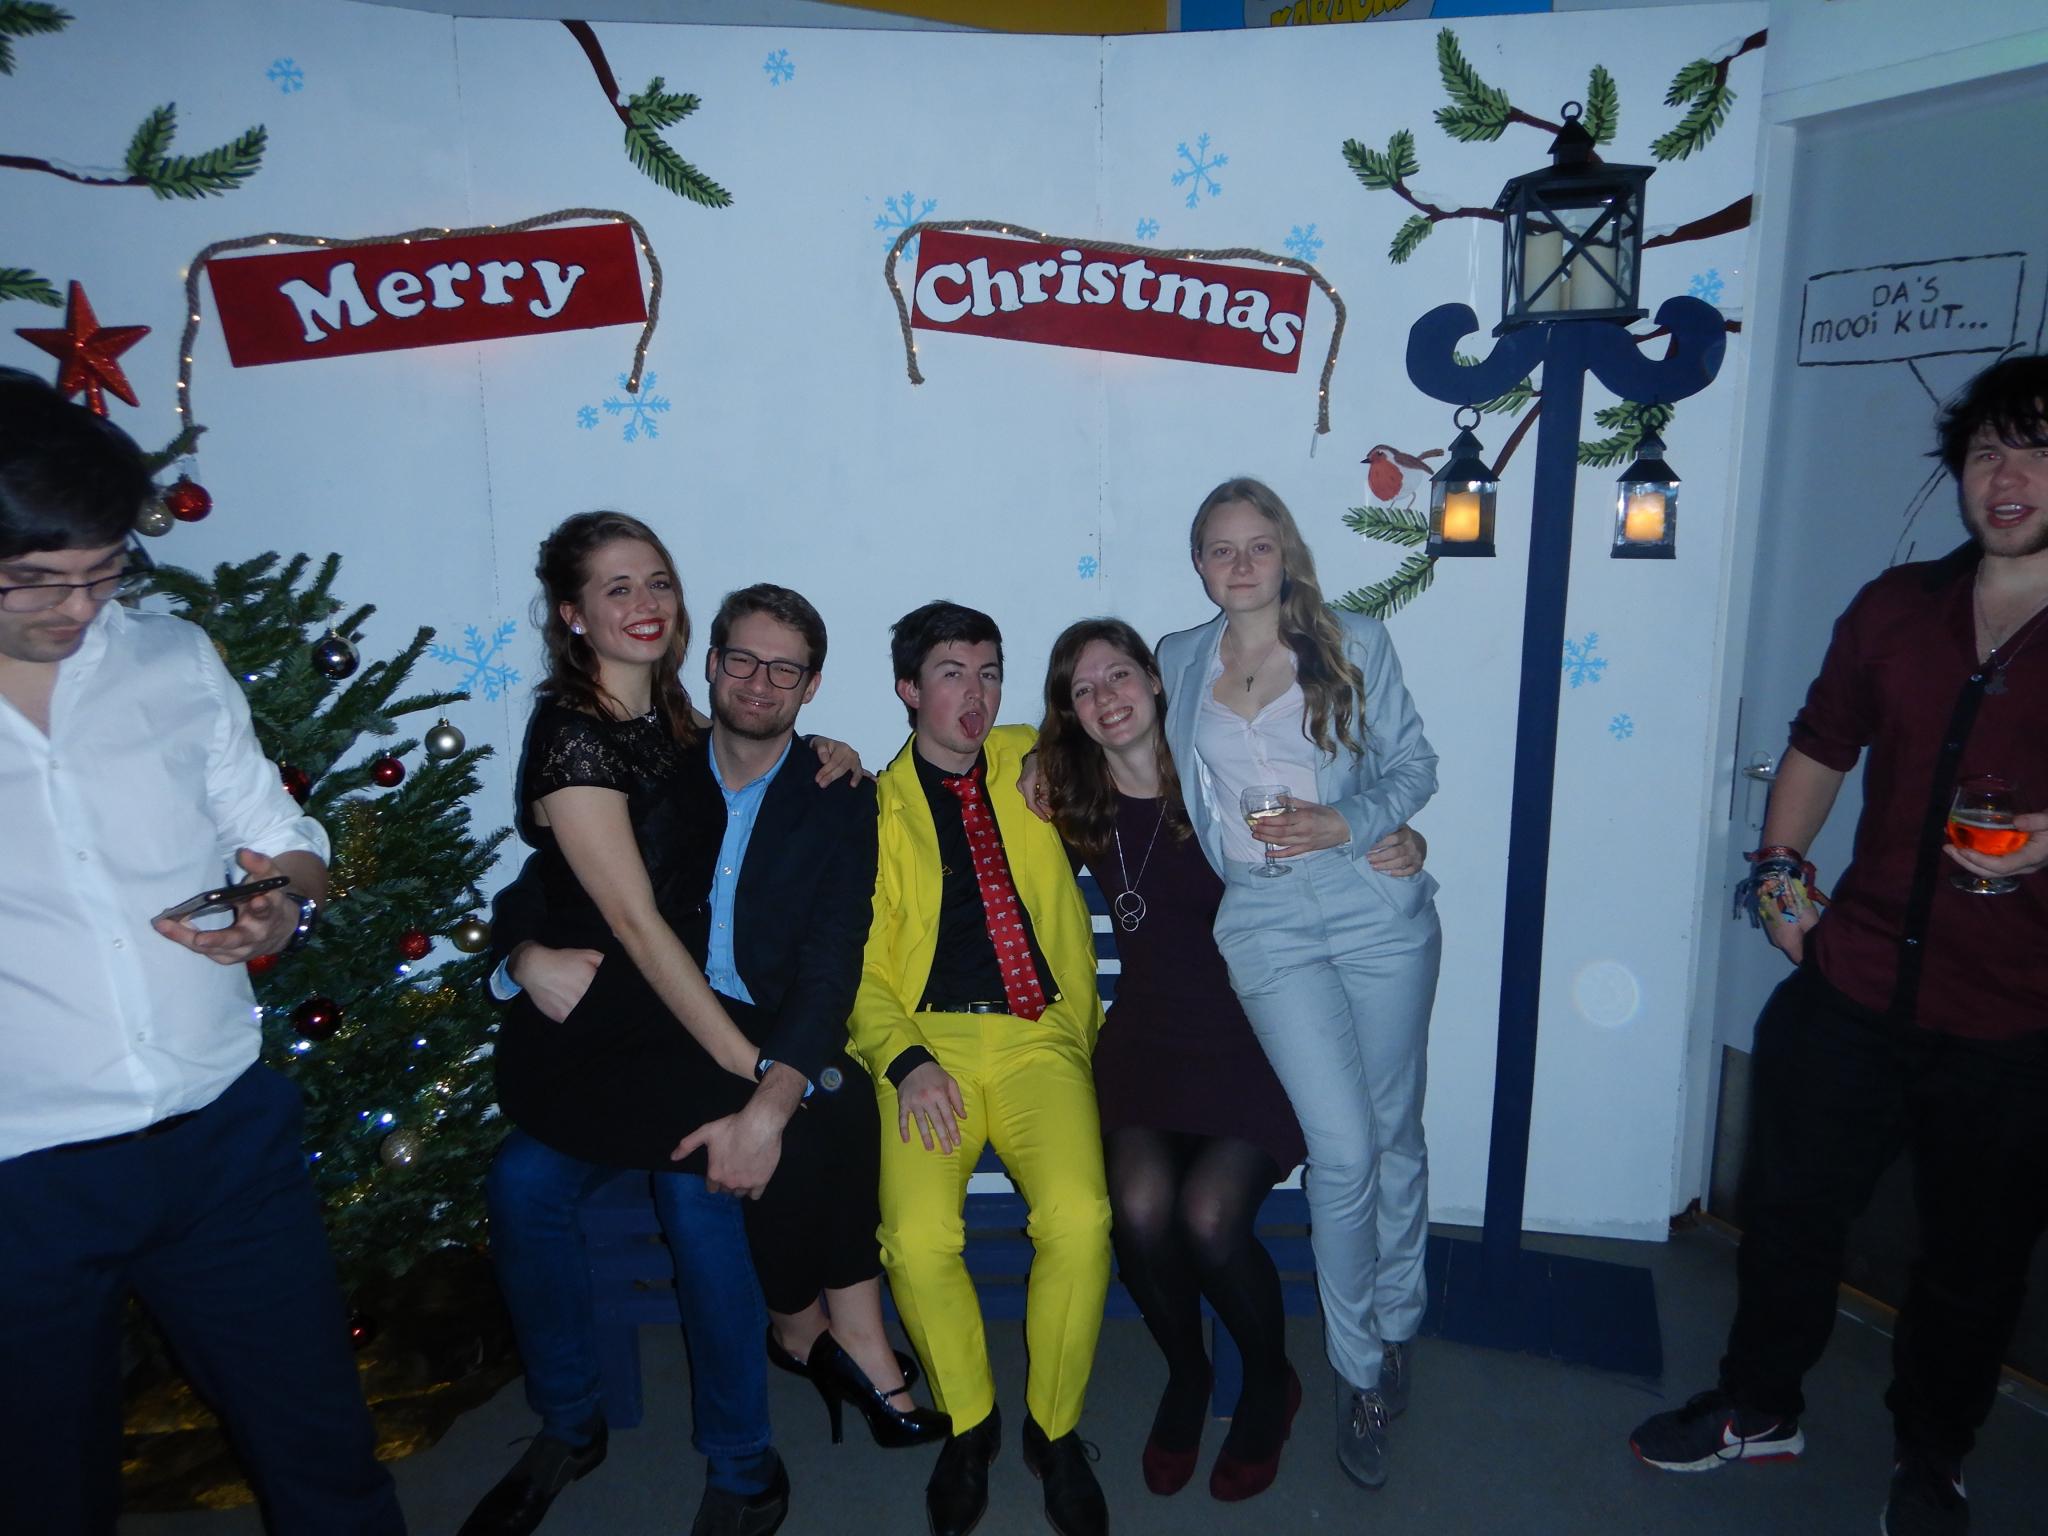 Kerstfeest_087